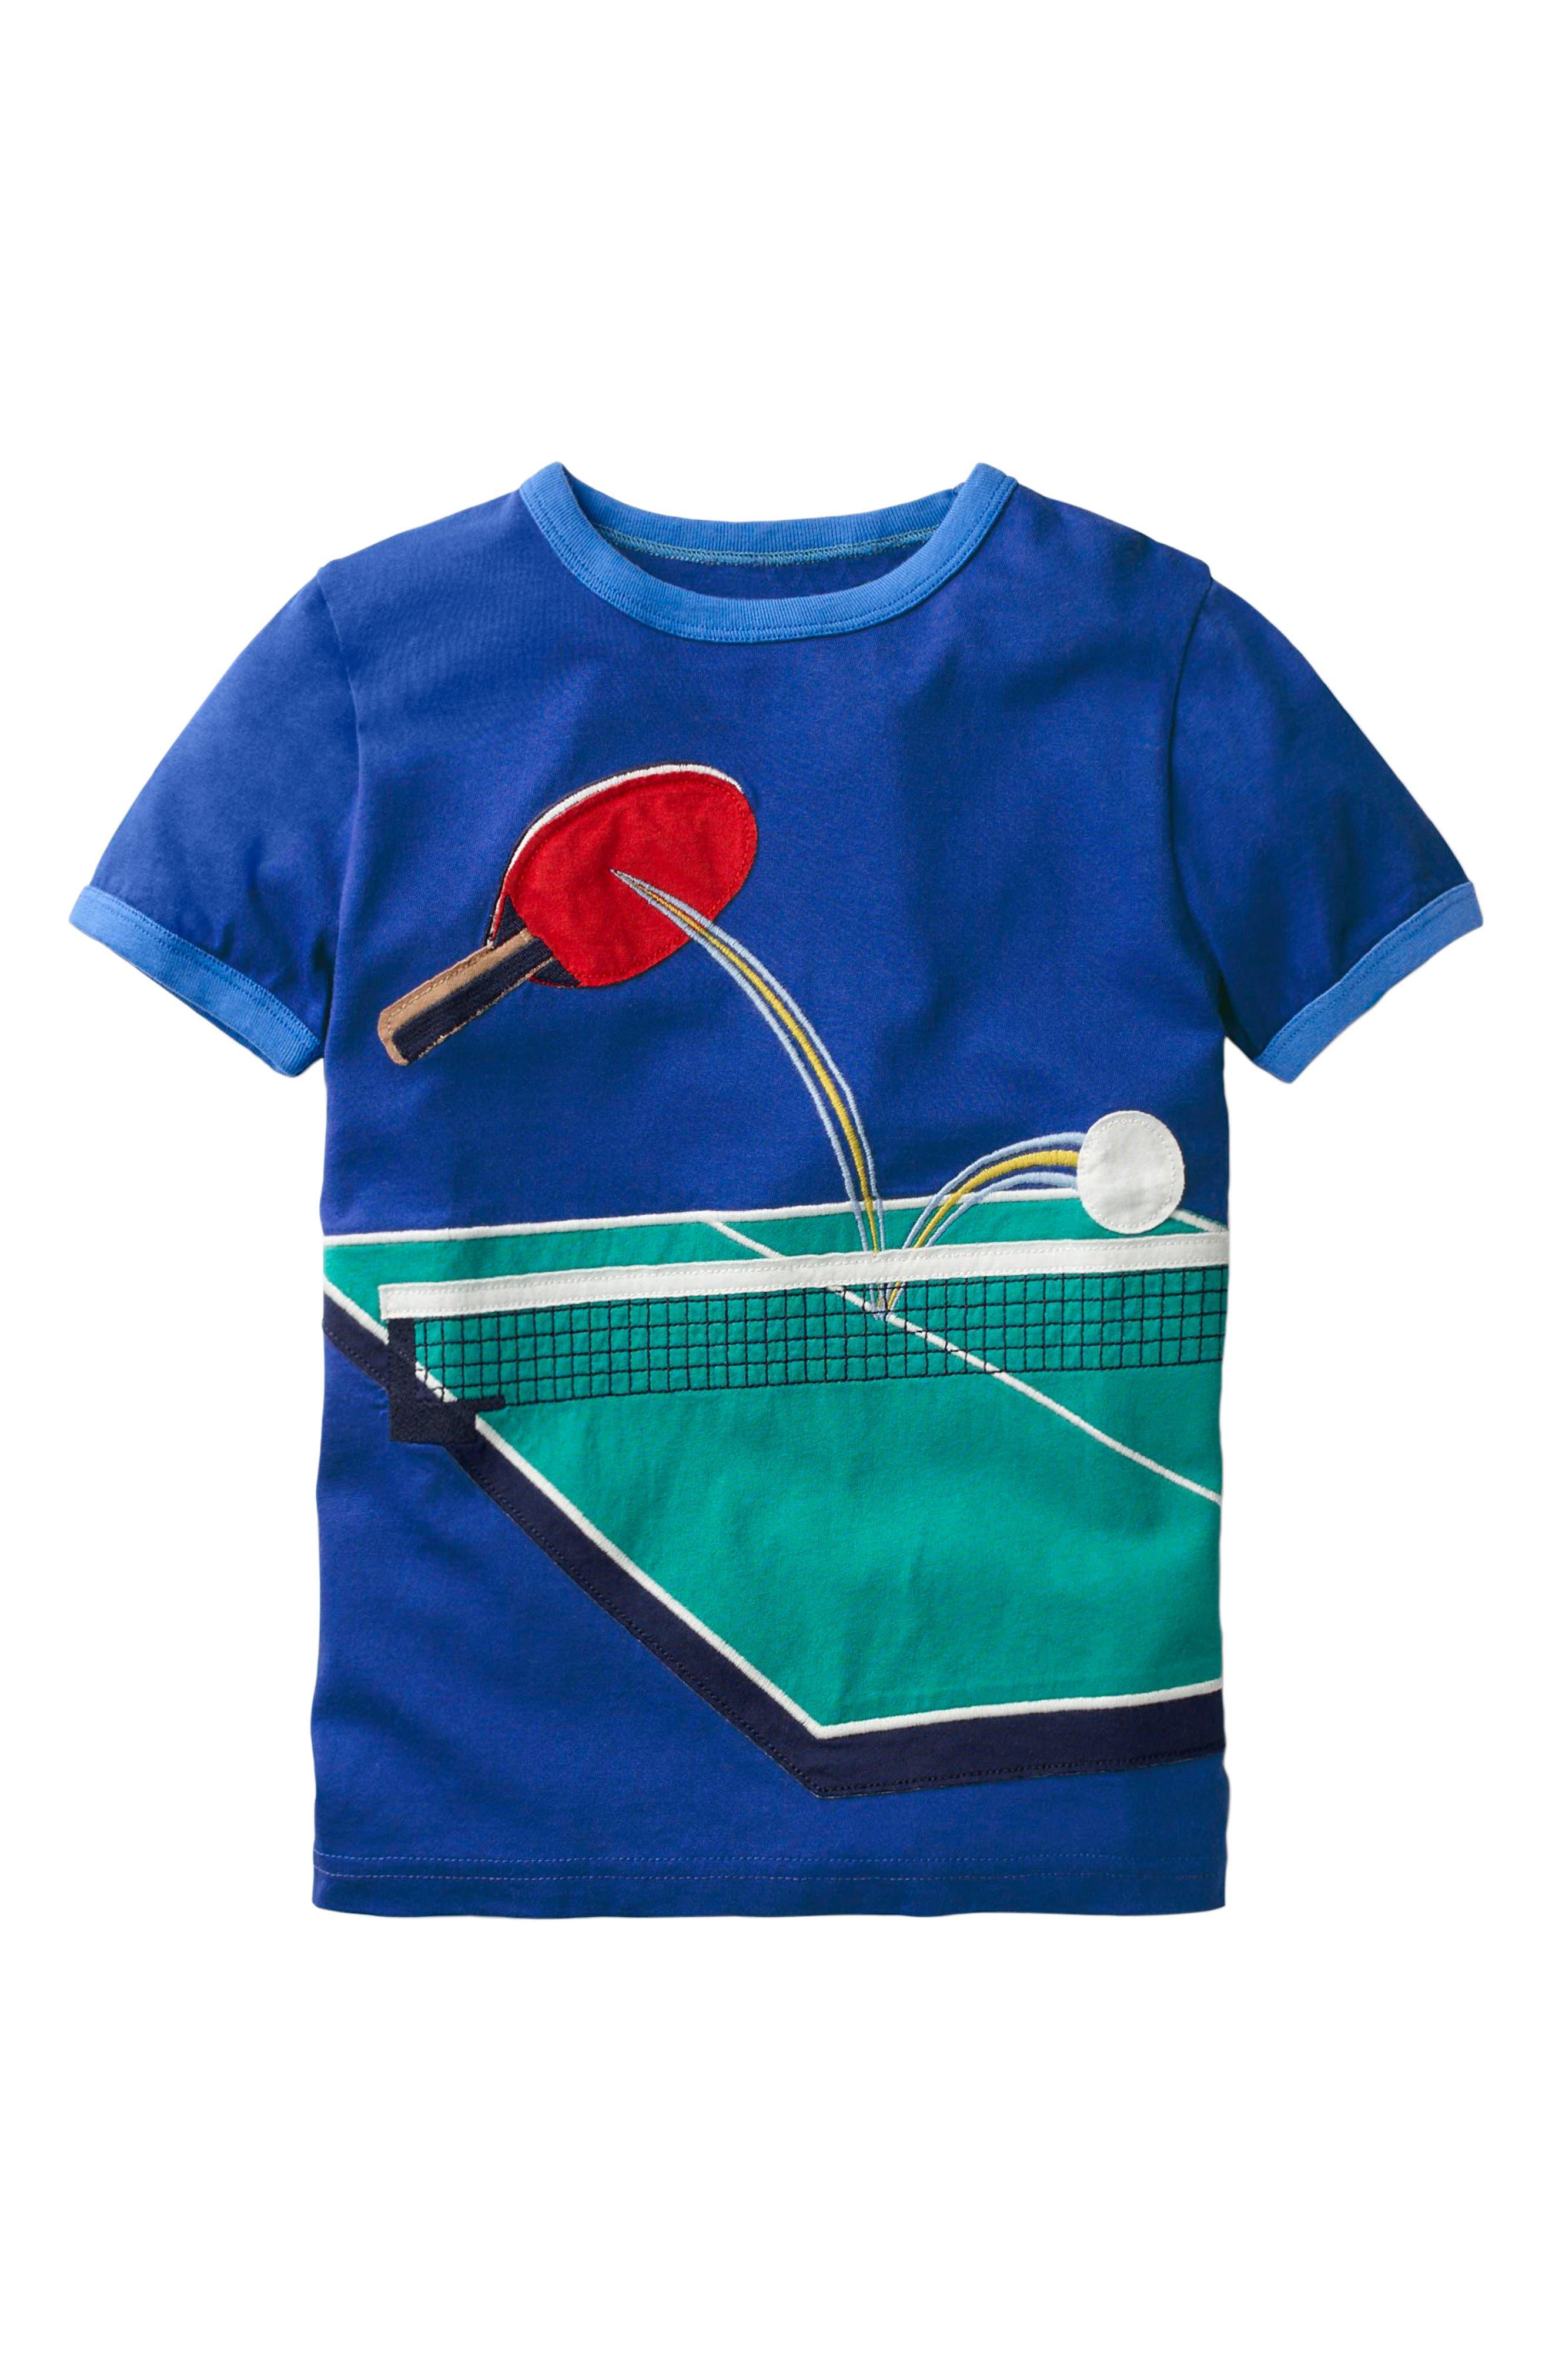 Sports Appliqué T-Shirt,                         Main,                         color, Orion Blue Table Tennis